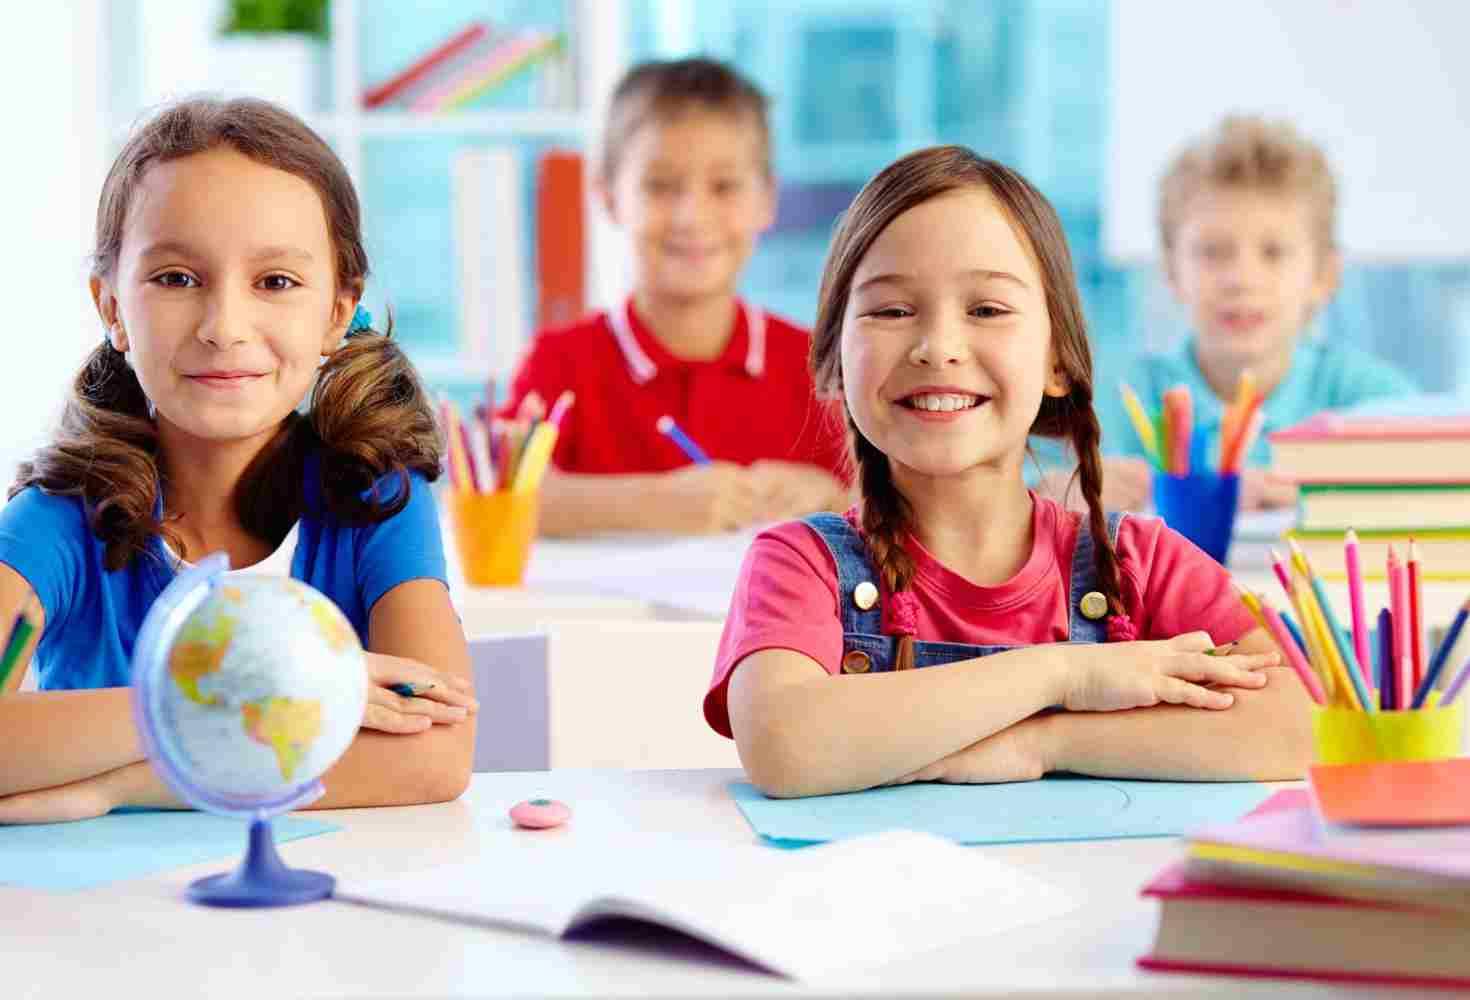 tsentr-moj-univer-priglashaet-shkolnikov-na-letnij-vserossijskij-test-marafon